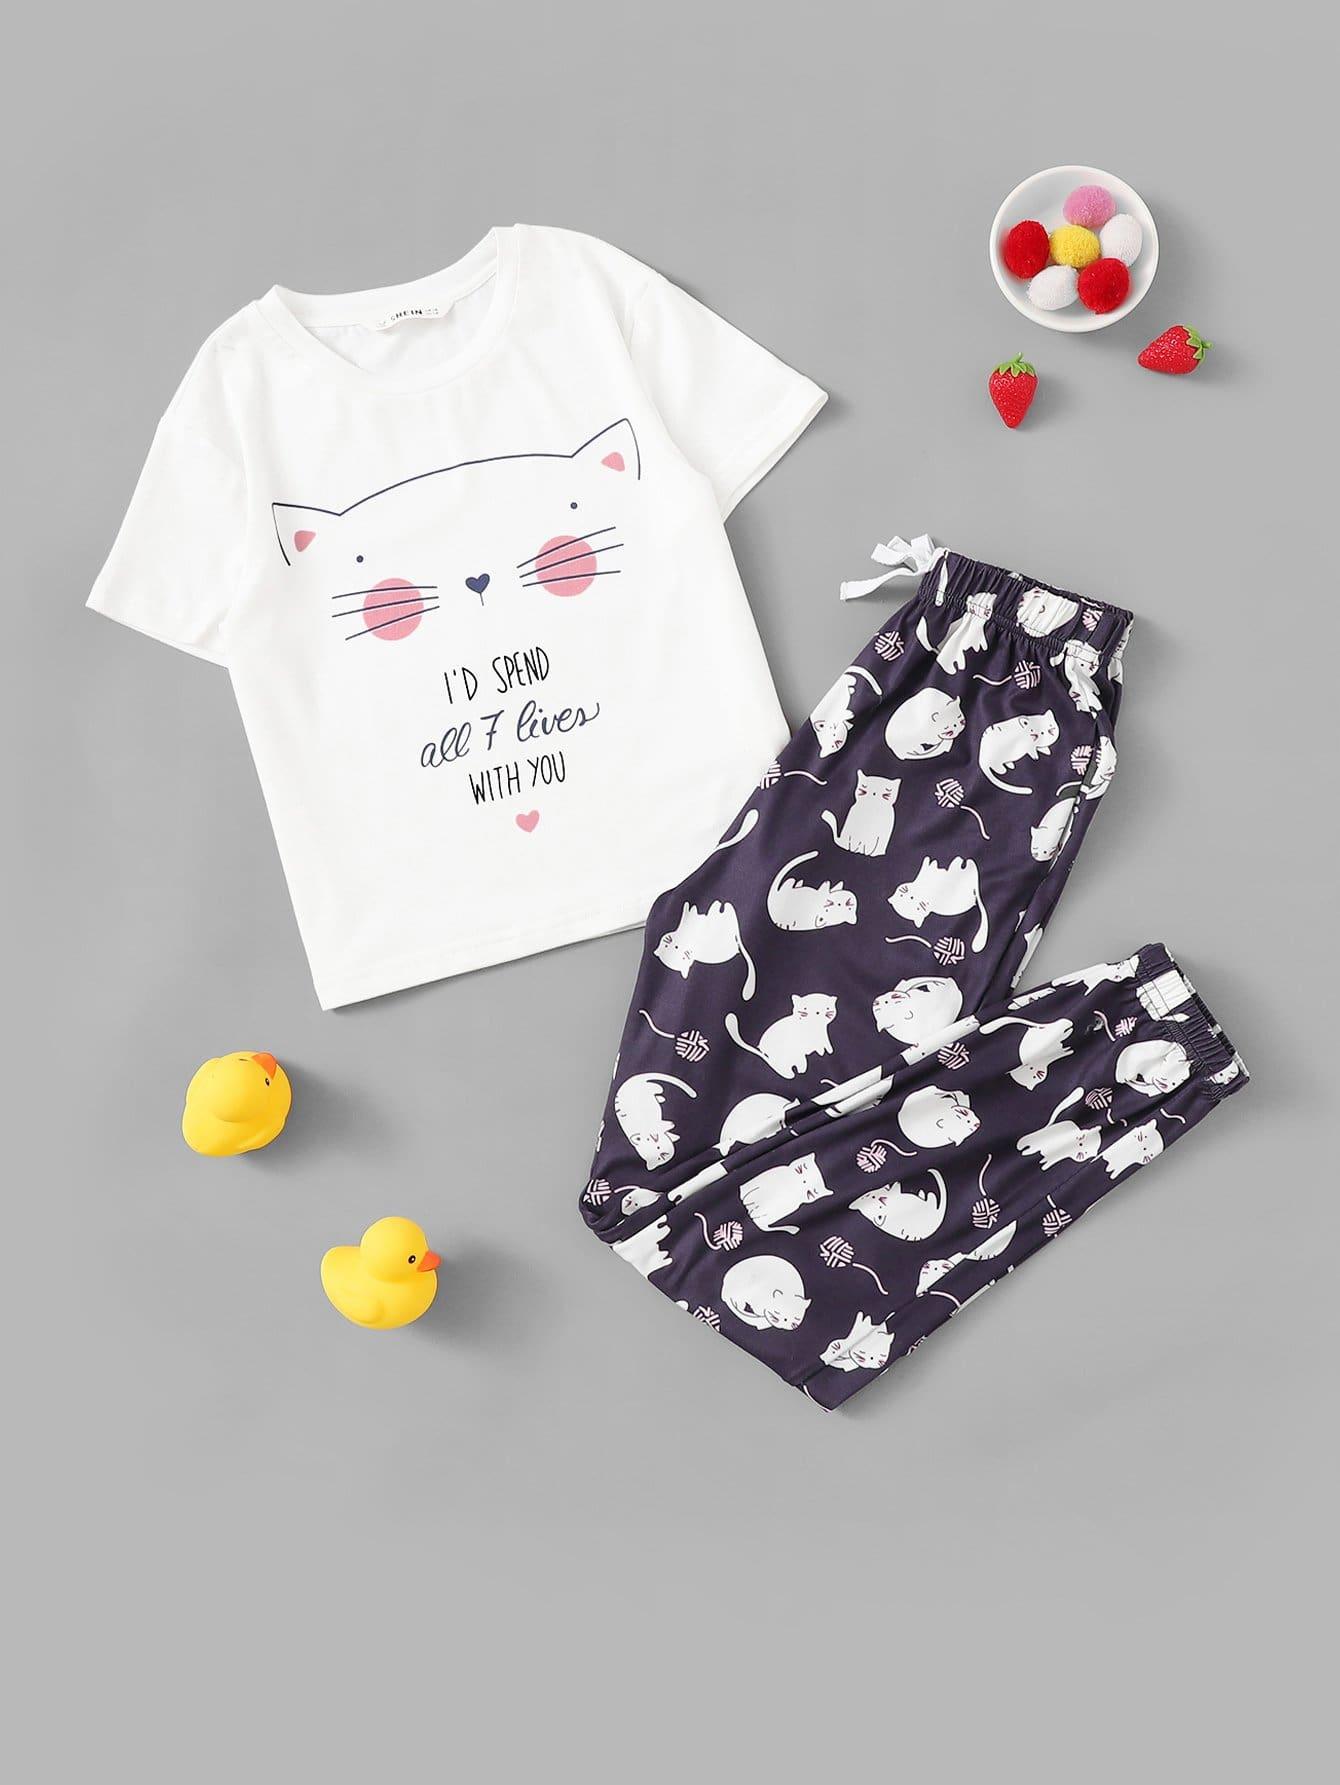 Пижамный комплект топ с мультяшным принтом и брюки для девочек от SheIn